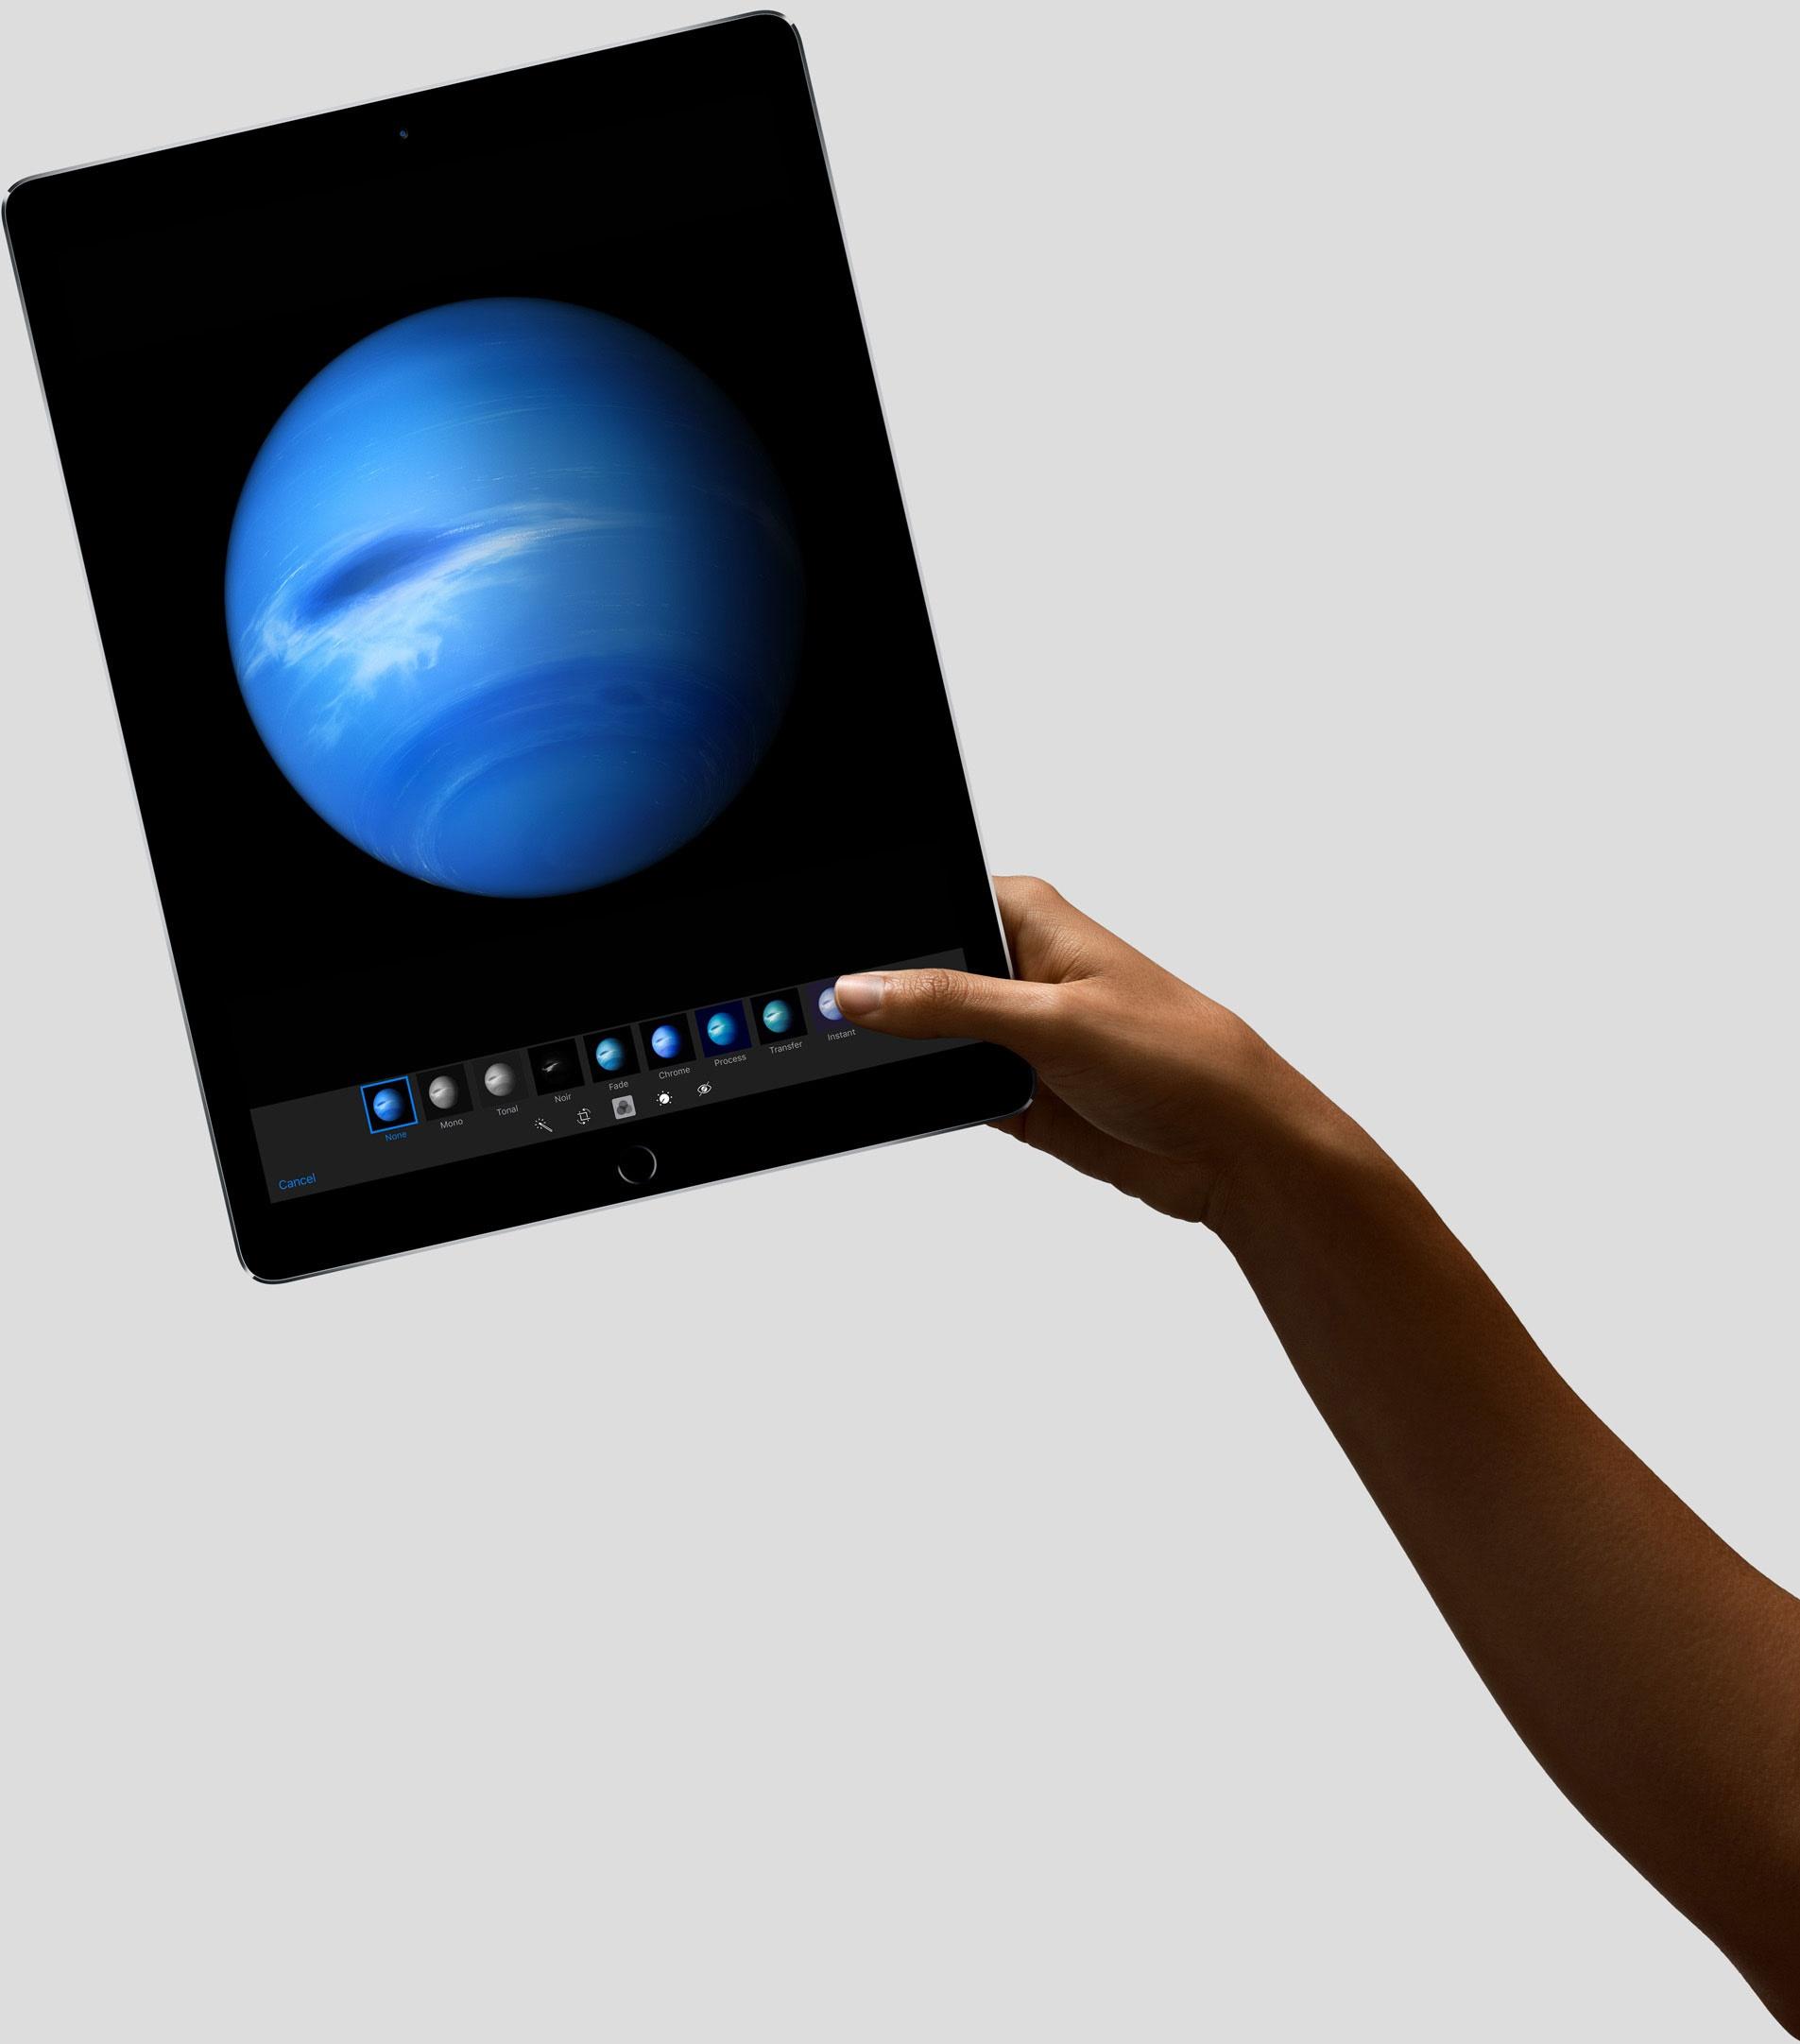 تبلت جدید اپل چه ویژگیهایی دارد؟/همکاری لاجیتک با اپل در ساخت کیبورد آی پد پرو تبلت جدید اپل چه ویژگیهایی دارد؟/همکاری لاجیتک با اپل در ساخت کیبورد آی پد پرو 15 9 10 104750canvas large